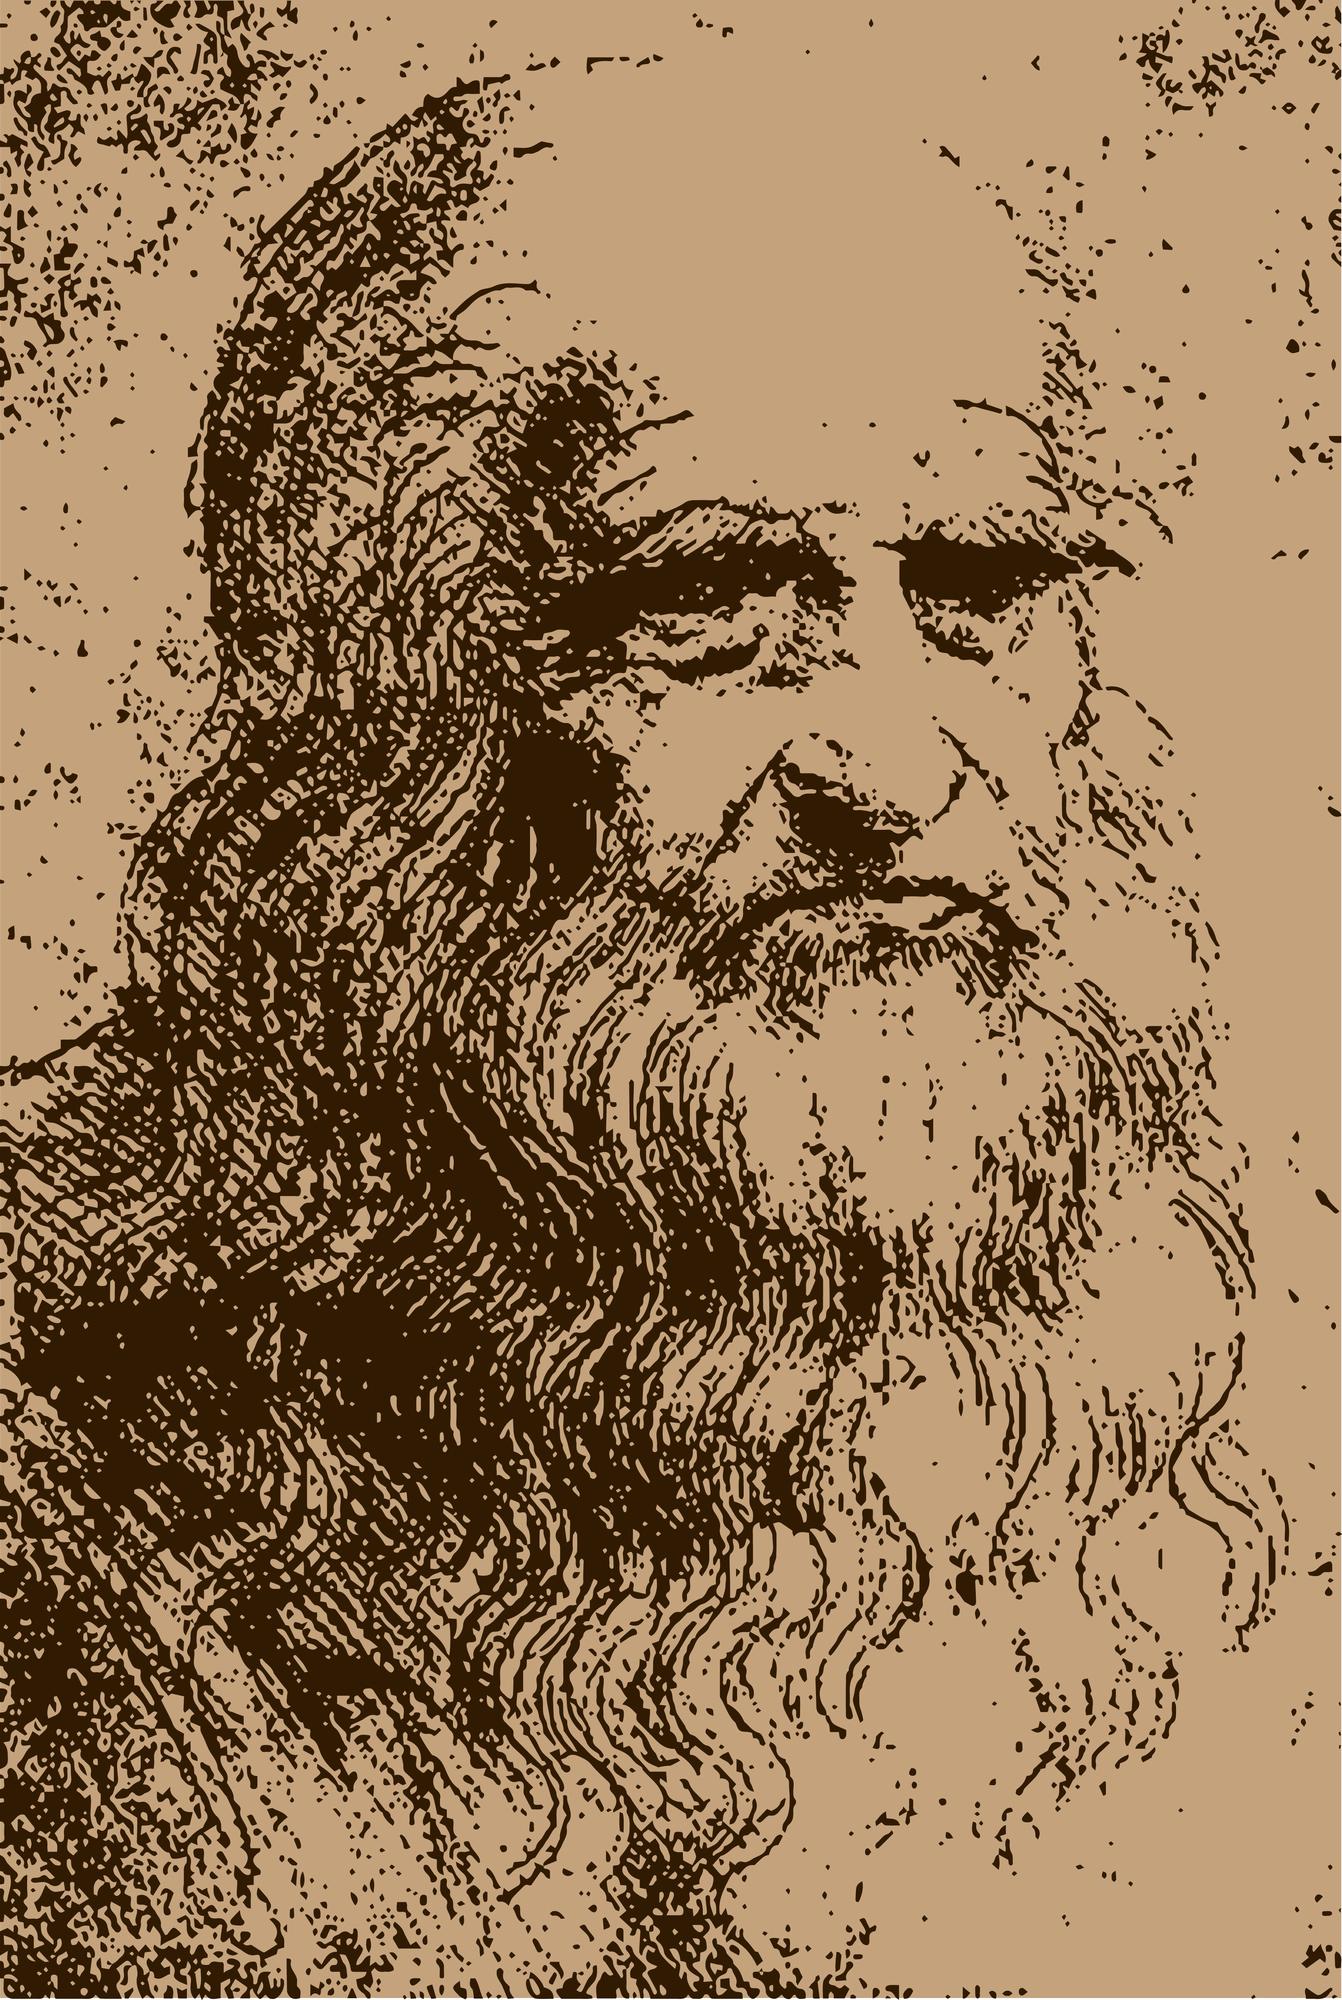 レオナルドダヴィンチの肖像画